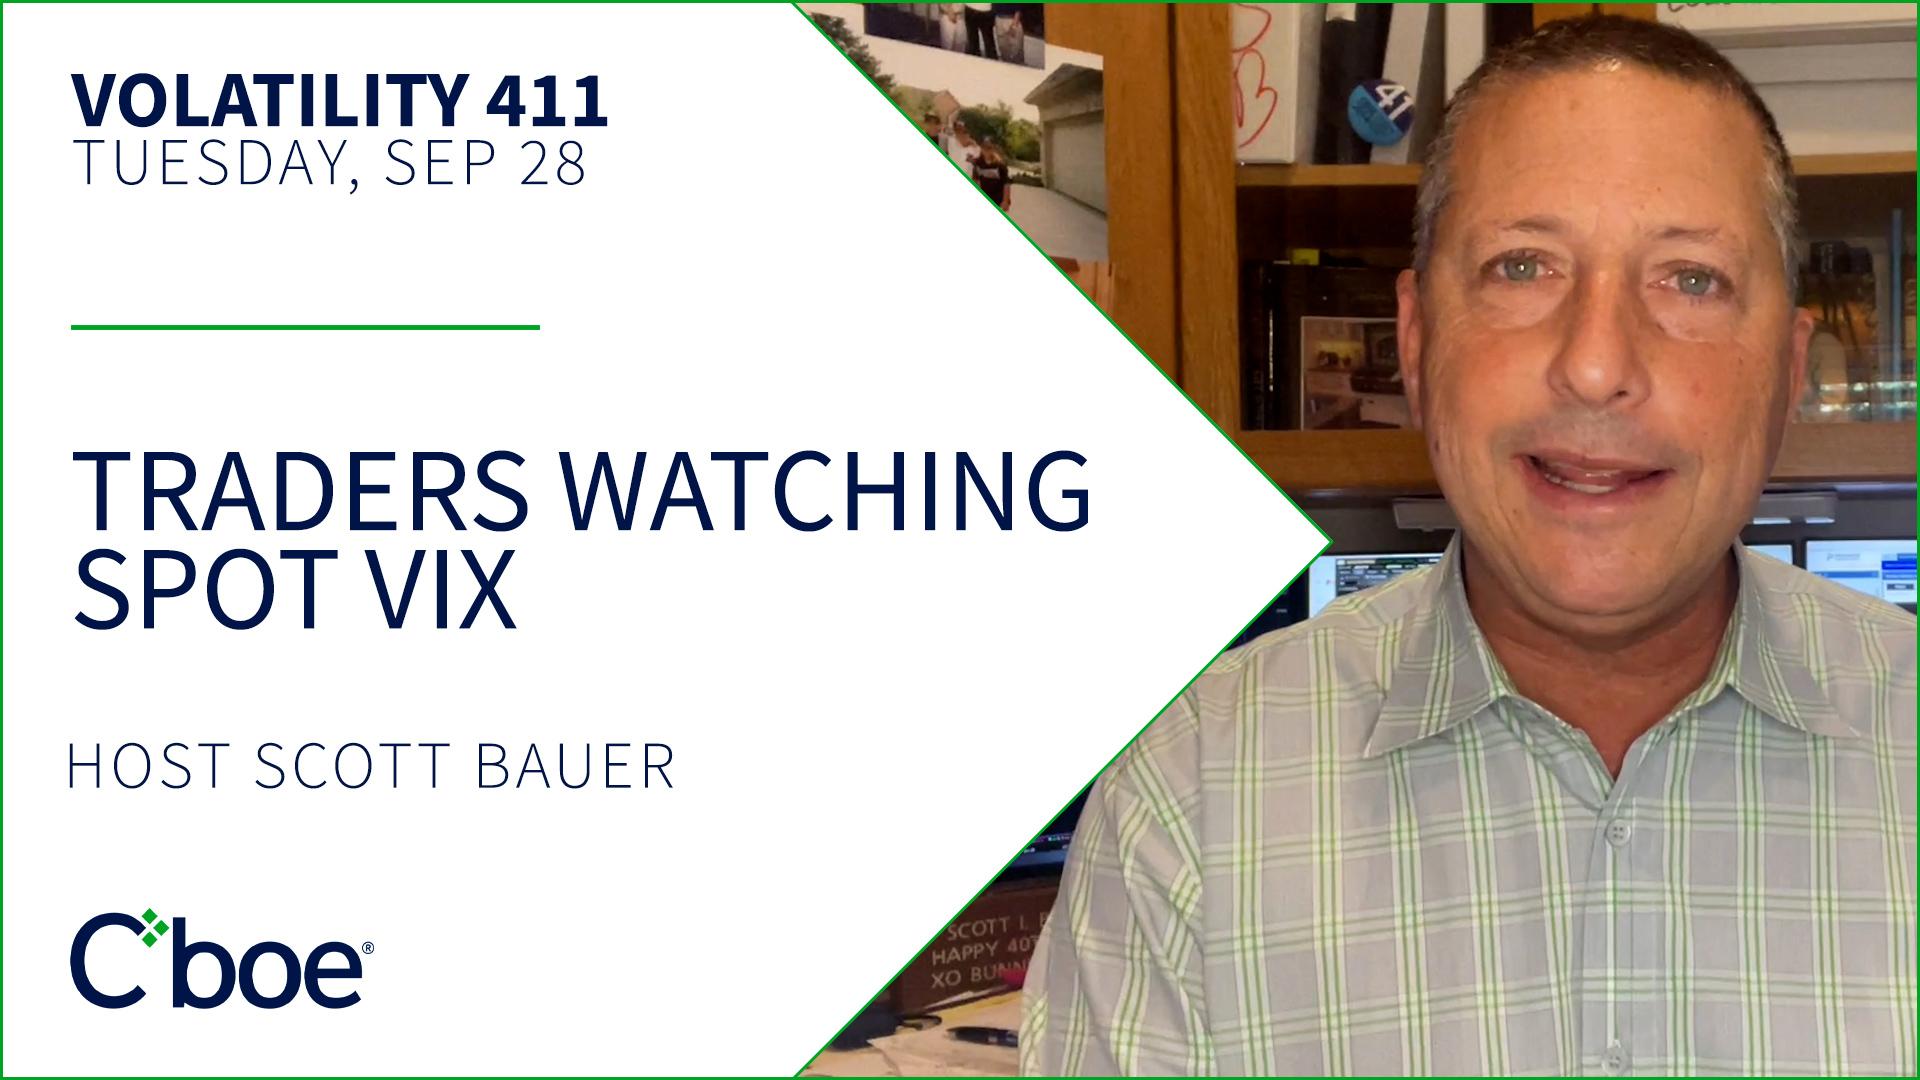 Traders Watching Spot VIX Thumbnail